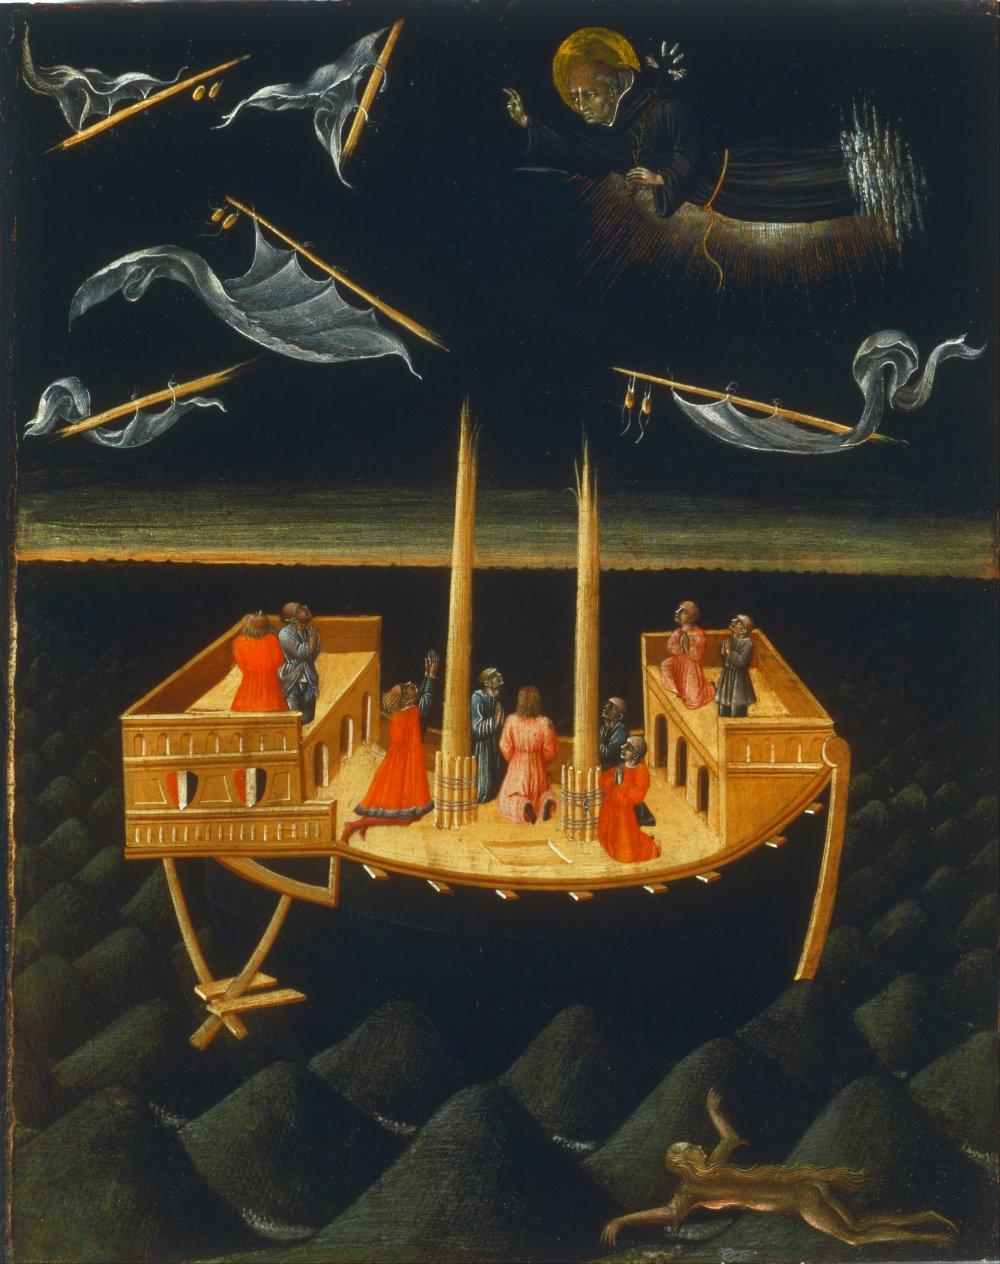 ג'יובאני די פאולו, ניקולאוס הקדוש מציל ספינה נטרפת